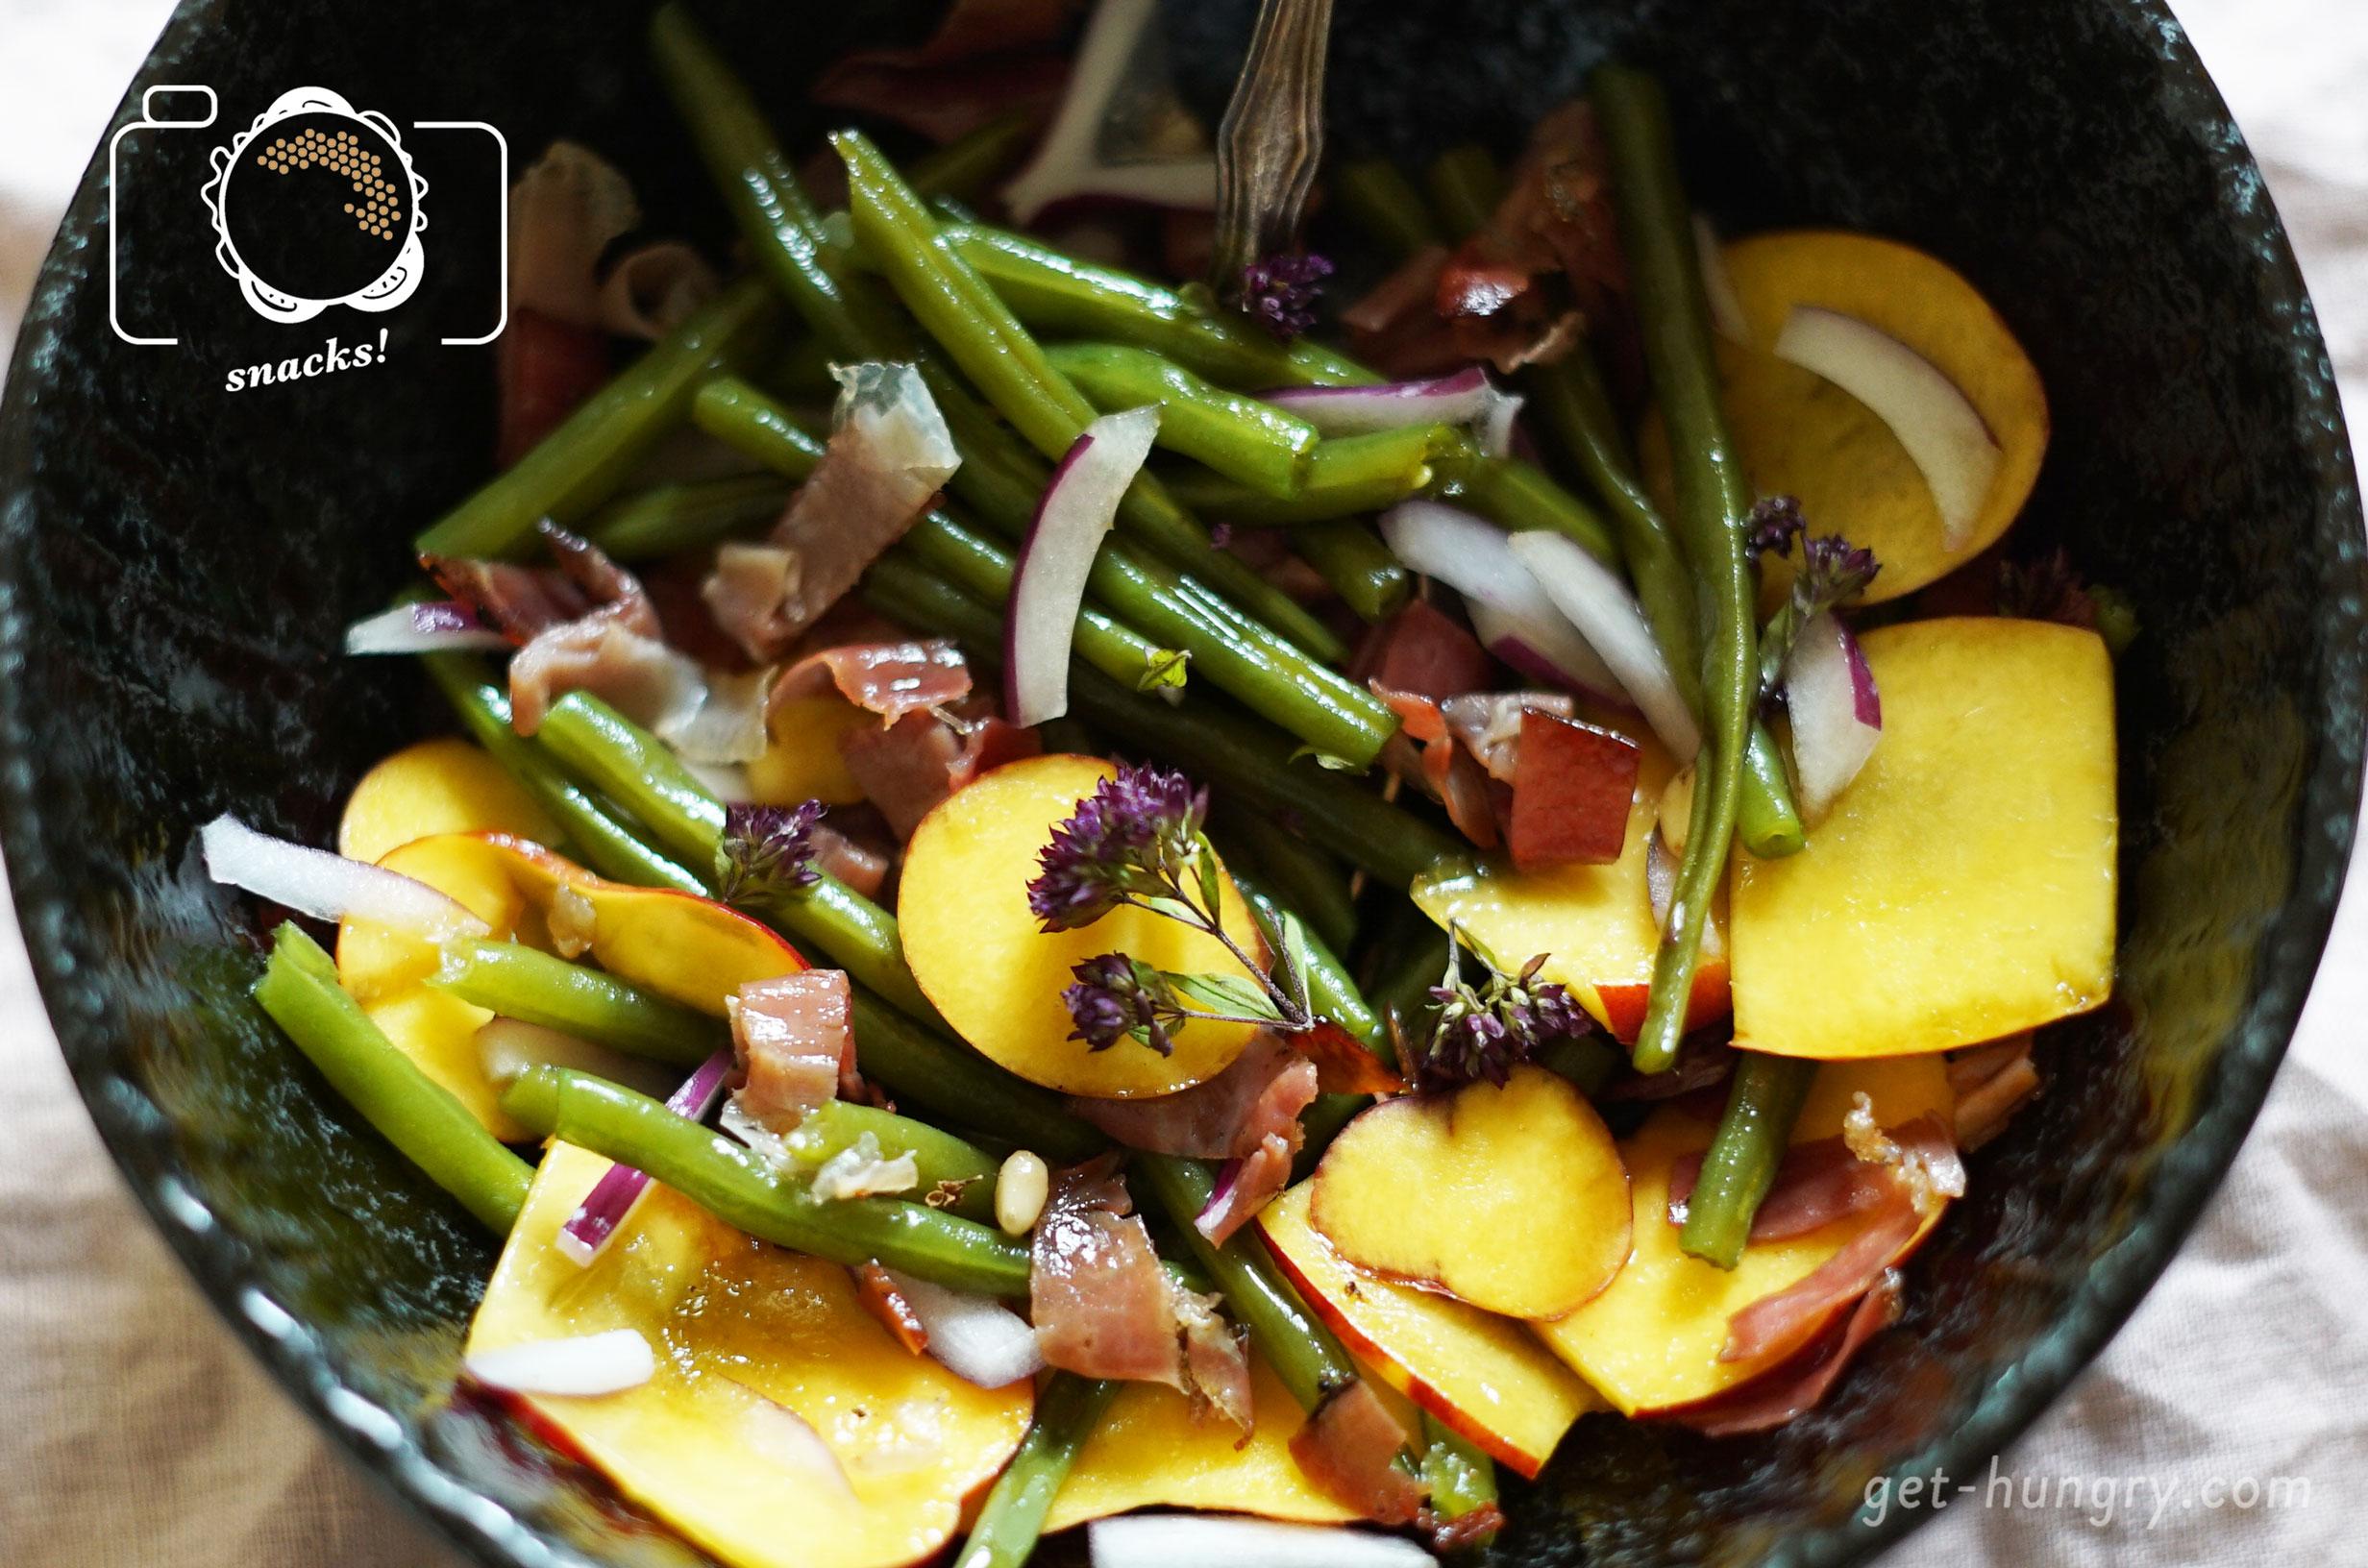 Nektarinen-Bohnen-Salat mit Speck und Zwiebeln - Fruchtiger Salat mit Rauchnote.Nimm 200 g frisch gekochte Prinzessbohnen, 1 rote Schalotte, 1 Nektarine, 2 EL geröstete Pinienkerne und 50 g knusprig gebratenen Speck. Zum Marinieren Olivenöl und weißen Balsamico 3:1 mischen, etwas salzen, pfeffern und mit frischem Thymian und Basilikum aufpeppen. Köstlichst!Tipp: Paßt sehr gut zu Feta oder warmen Ziegenkäse.